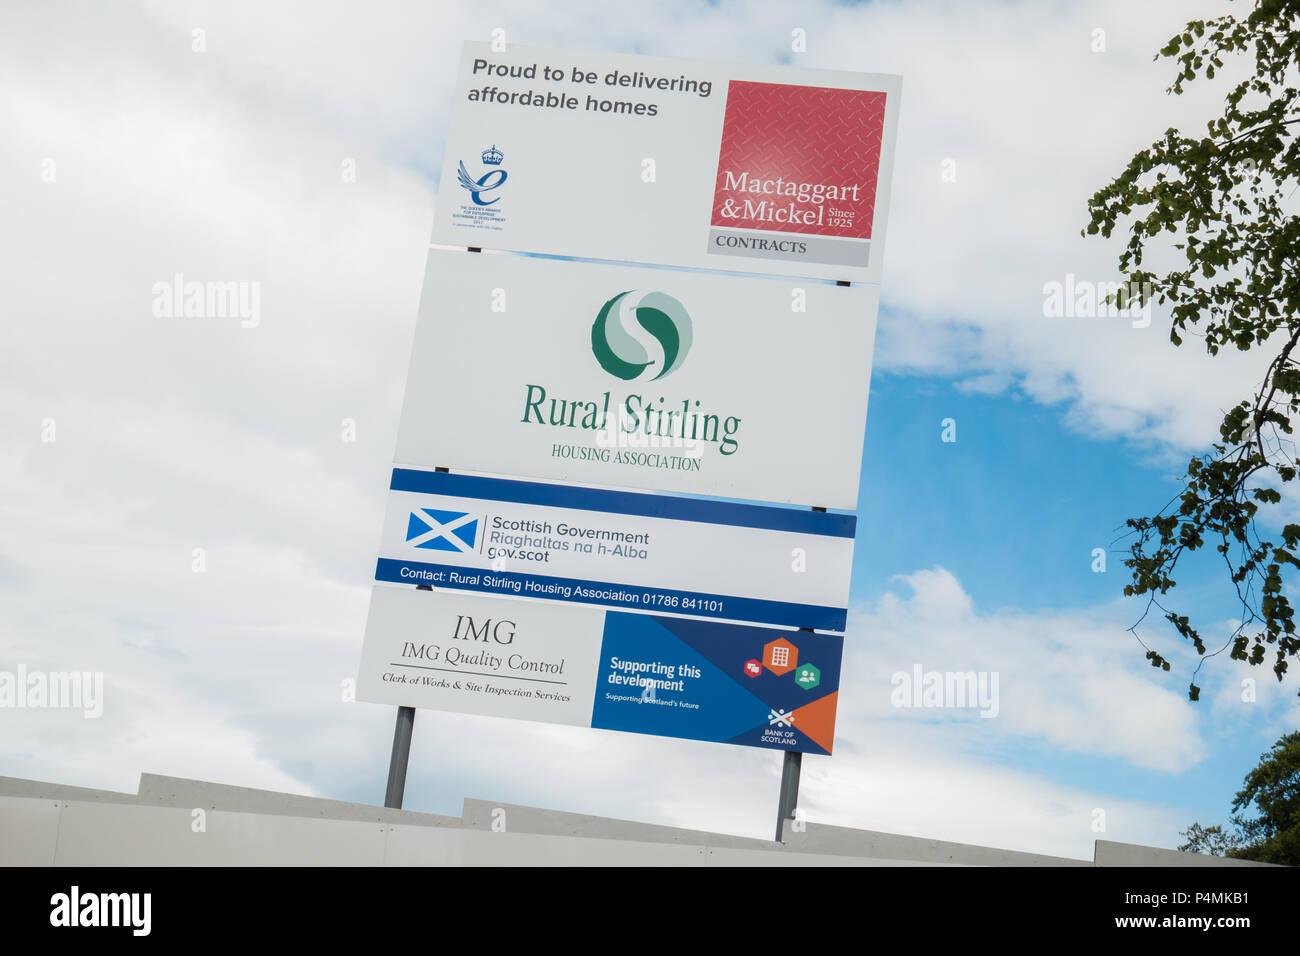 Rural Stirling Housing association sign - affordable homes - Killearn, Stirlingshire, Scotland, UK - Stock Image